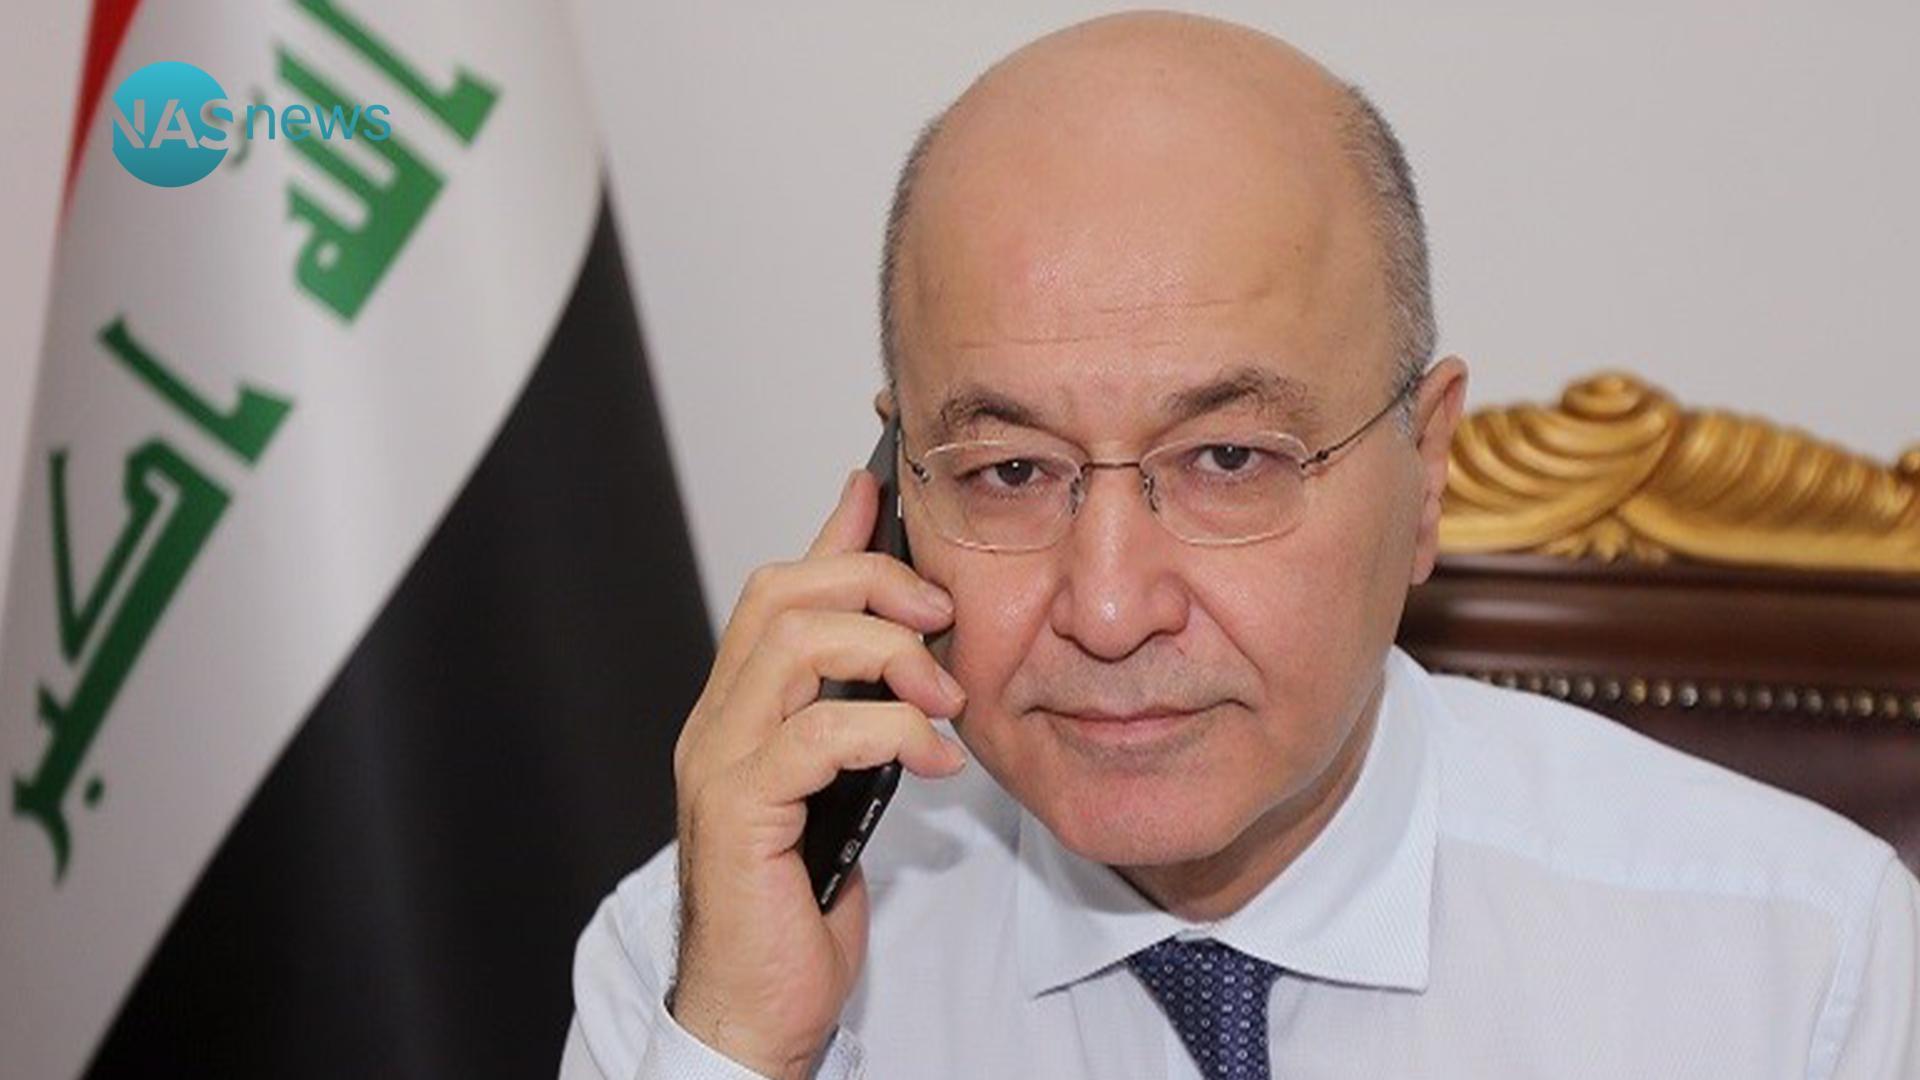 صحيفة واشنطن بوست:هاتف الرئيس برهم صالح تحت المراقبة الإسرائيلية